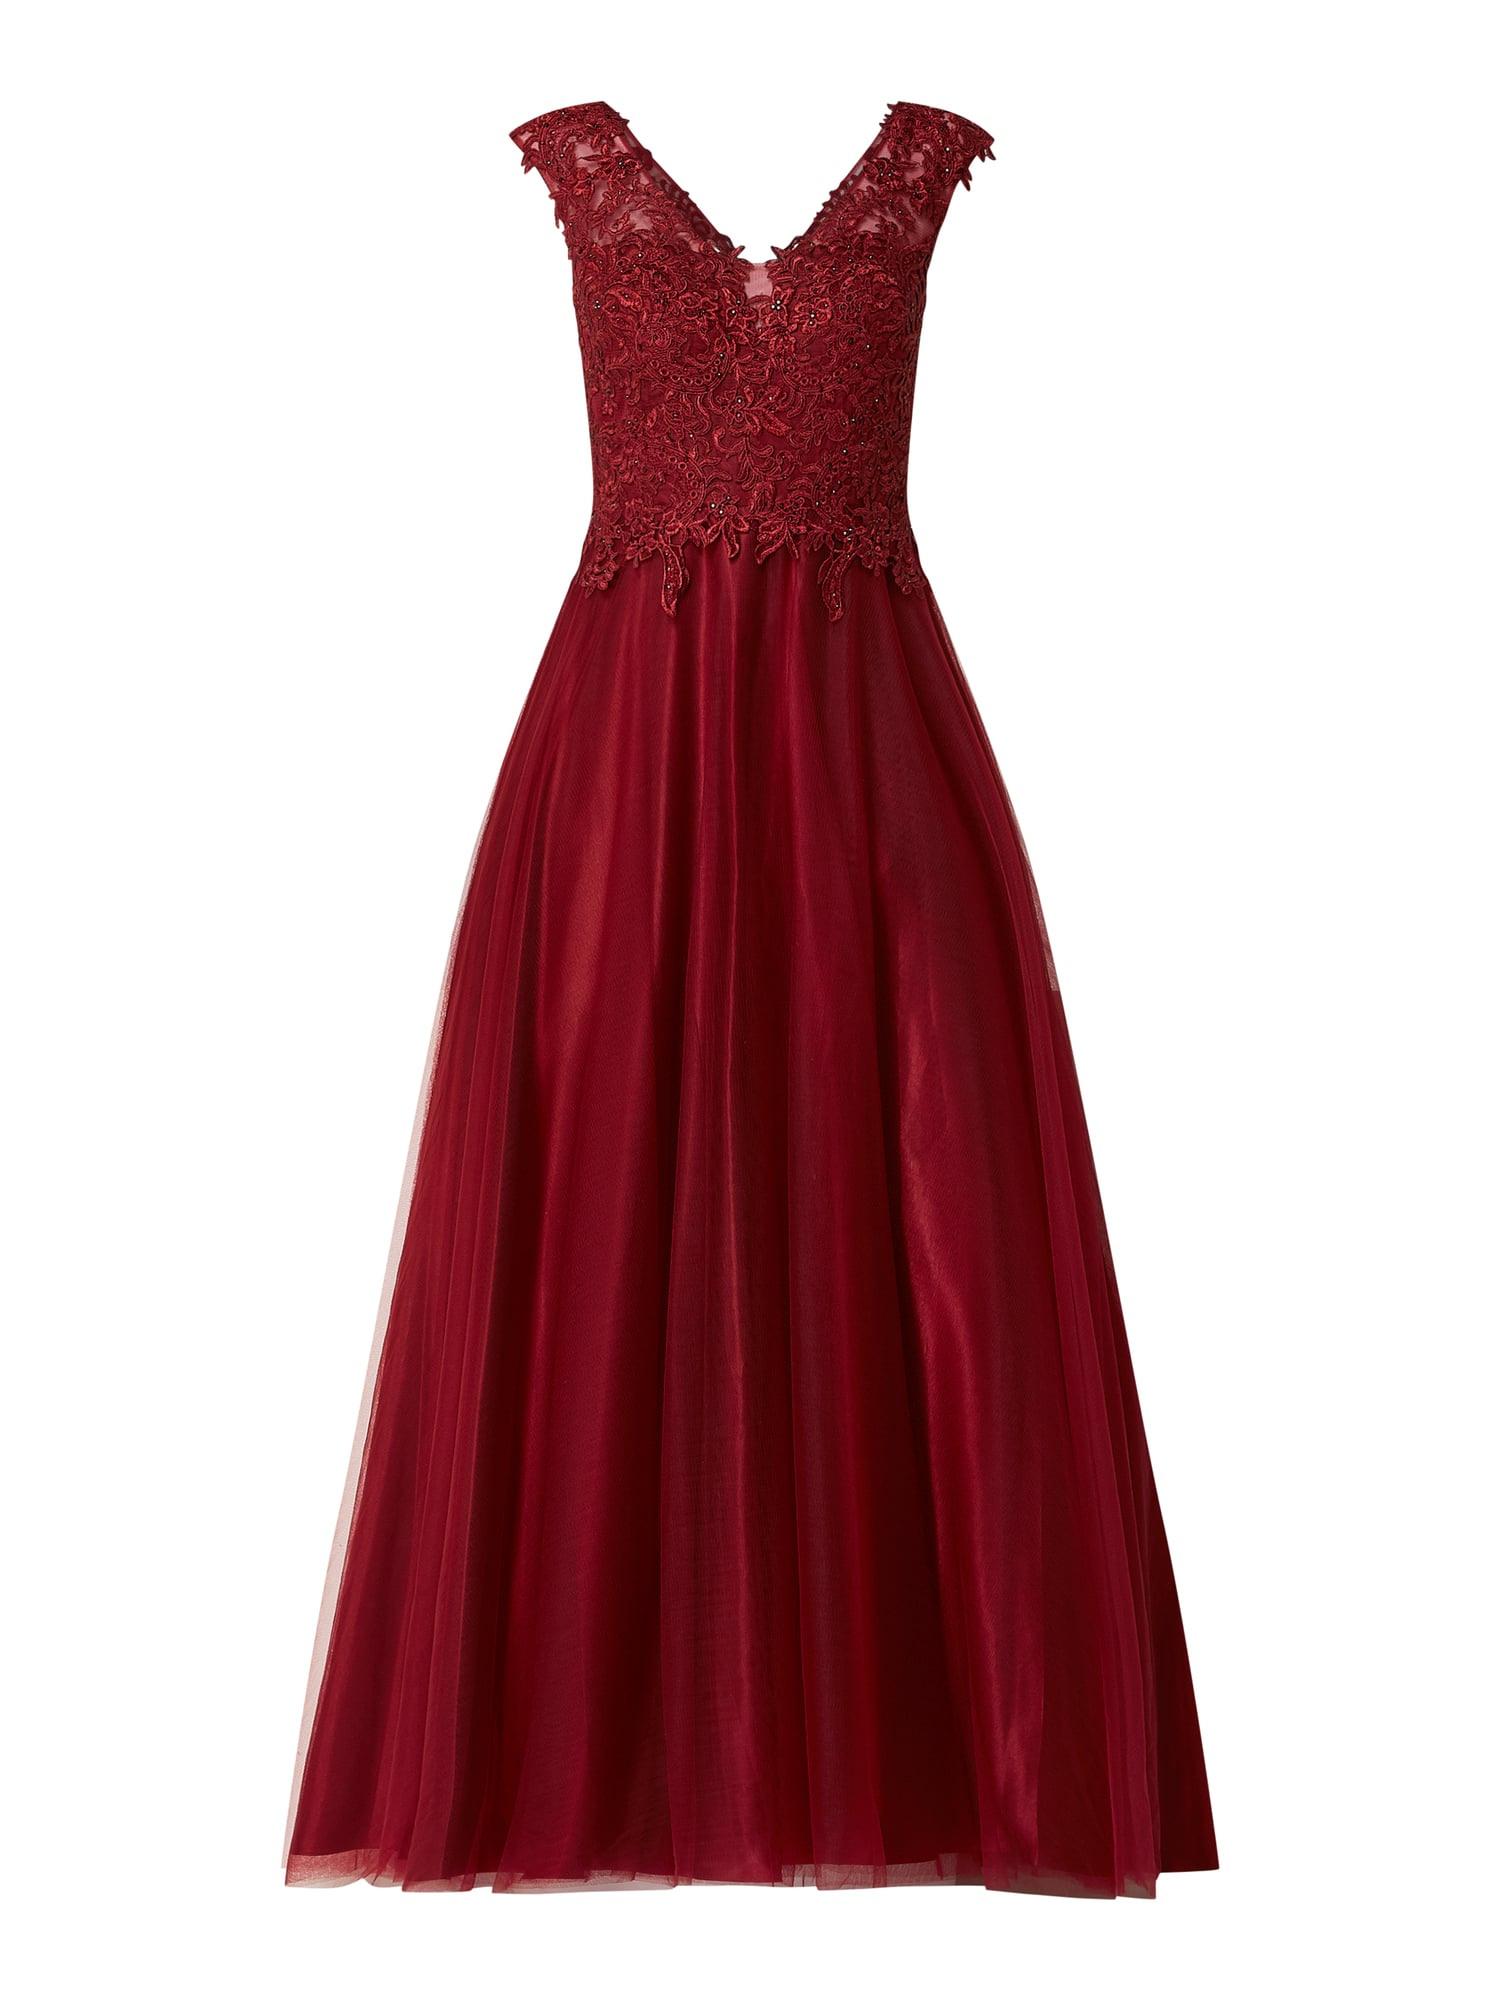 Abend Luxus Vera Mont Abendkleid Rot Bester Preis17 Großartig Vera Mont Abendkleid Rot Vertrieb